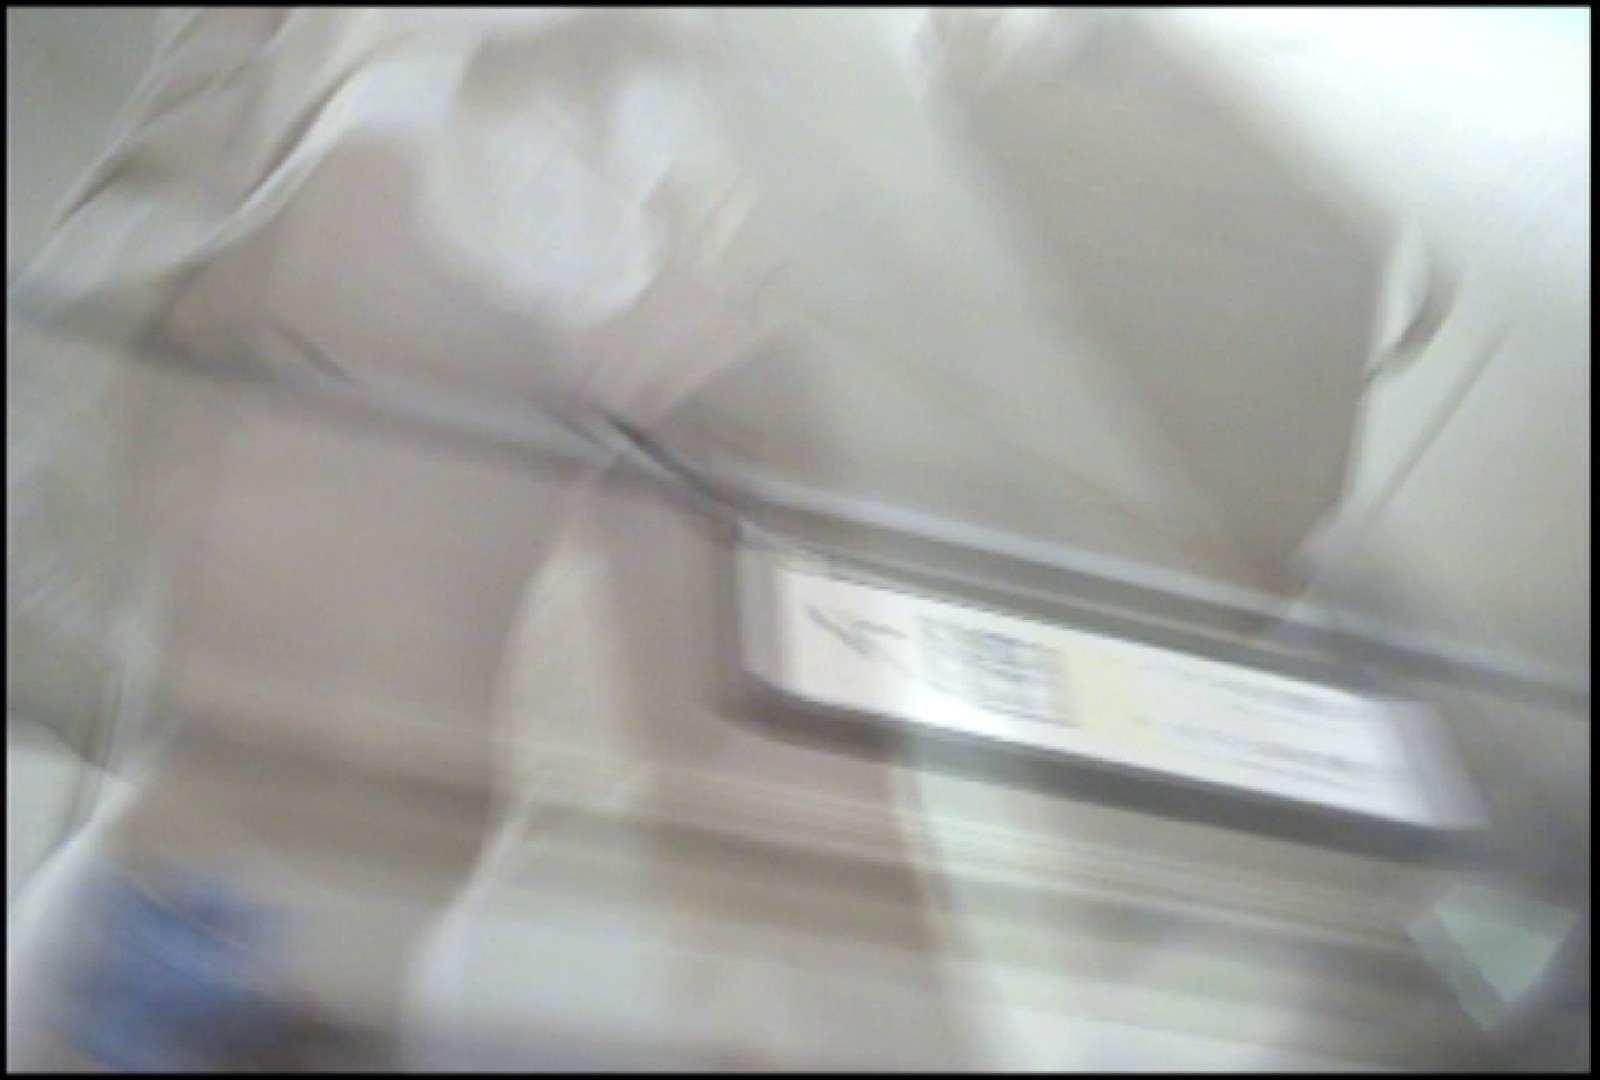 「しん」さんの逆さバイキングVol.2 パンチラ | ギャル攻め  50画像 22